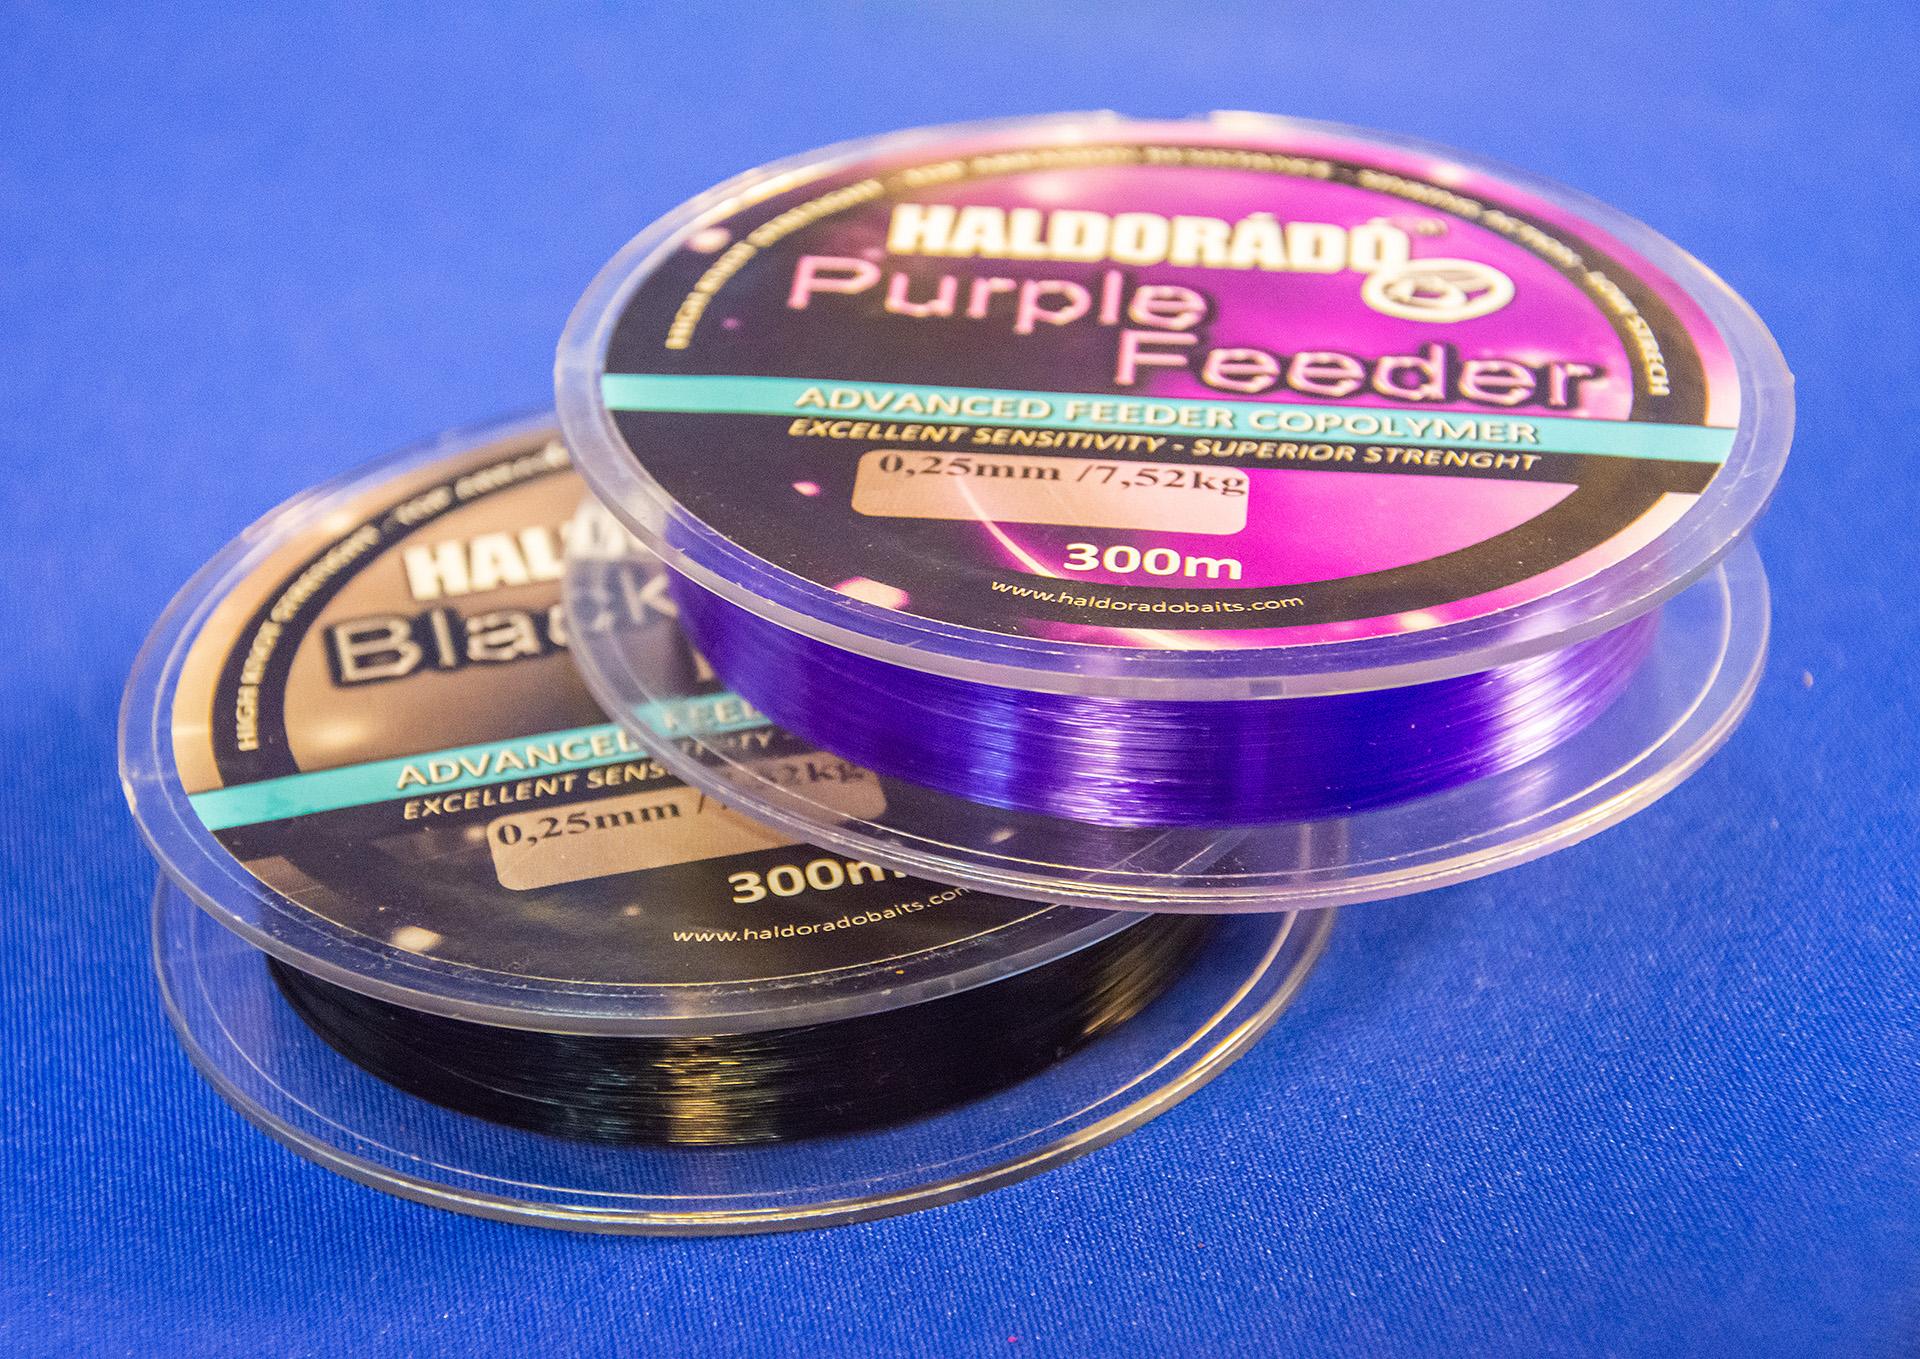 A kéréseket figyelembe véve ettől az évtől feederes zsinórjaink már kaphatóak fekete és lila színben is, válasszátok ki a számotokra legjobban tetszőt!